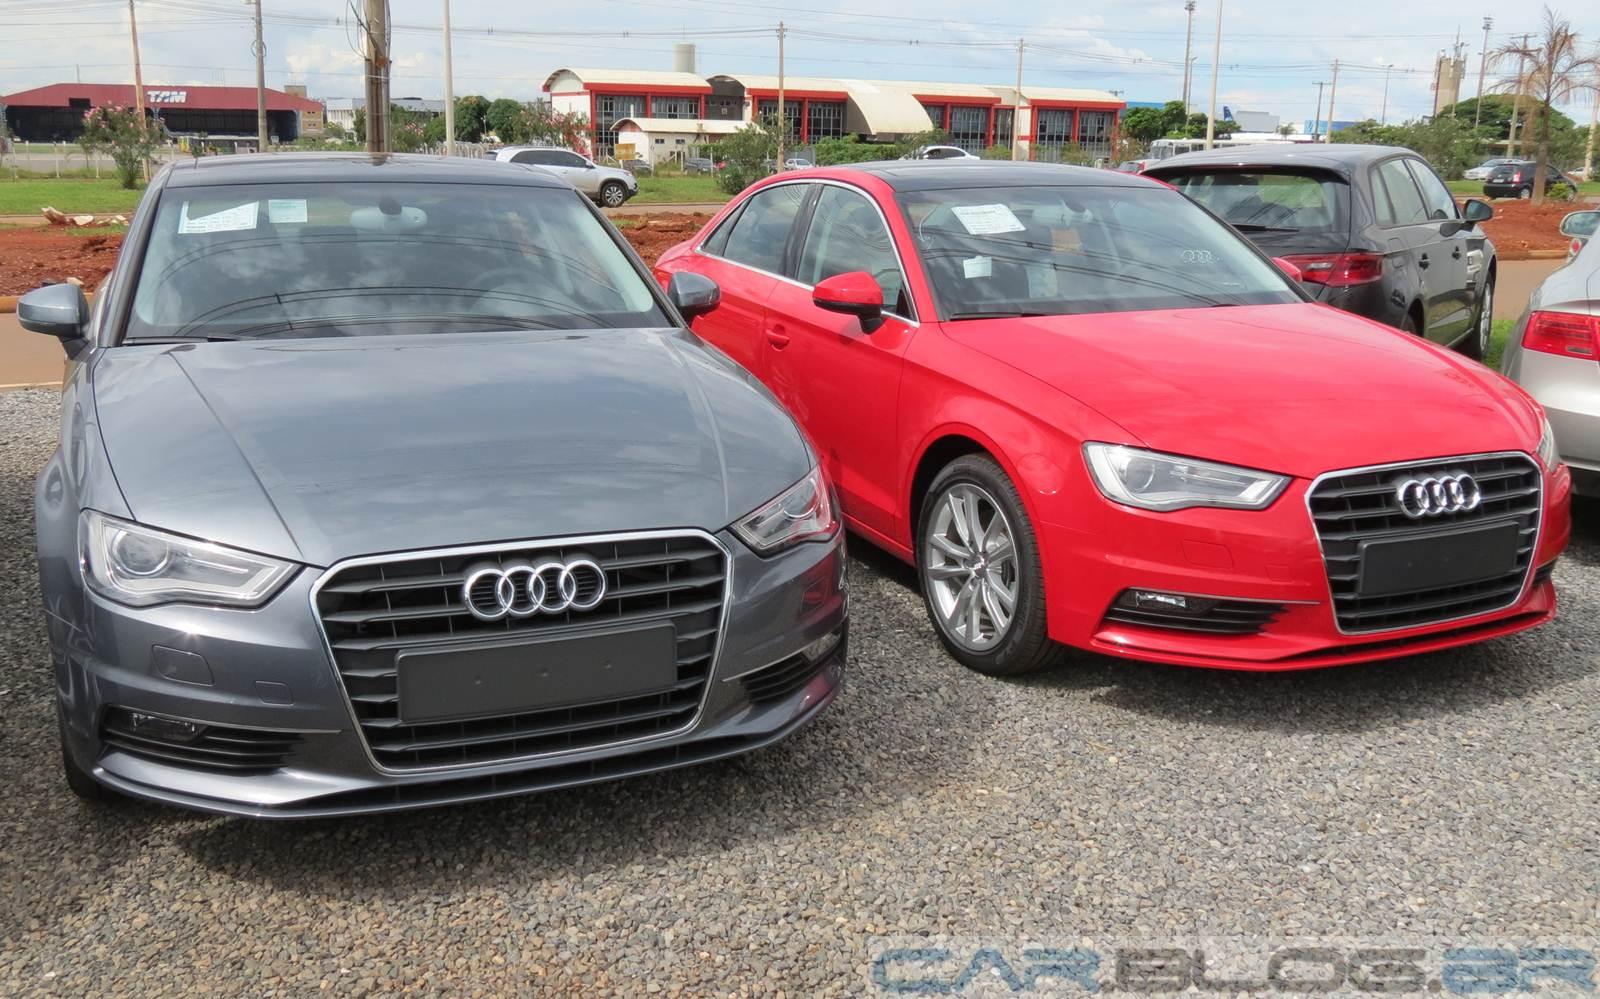 Novo Audi A3 Sedan Em Dois Tons De Branco Car Blog Br